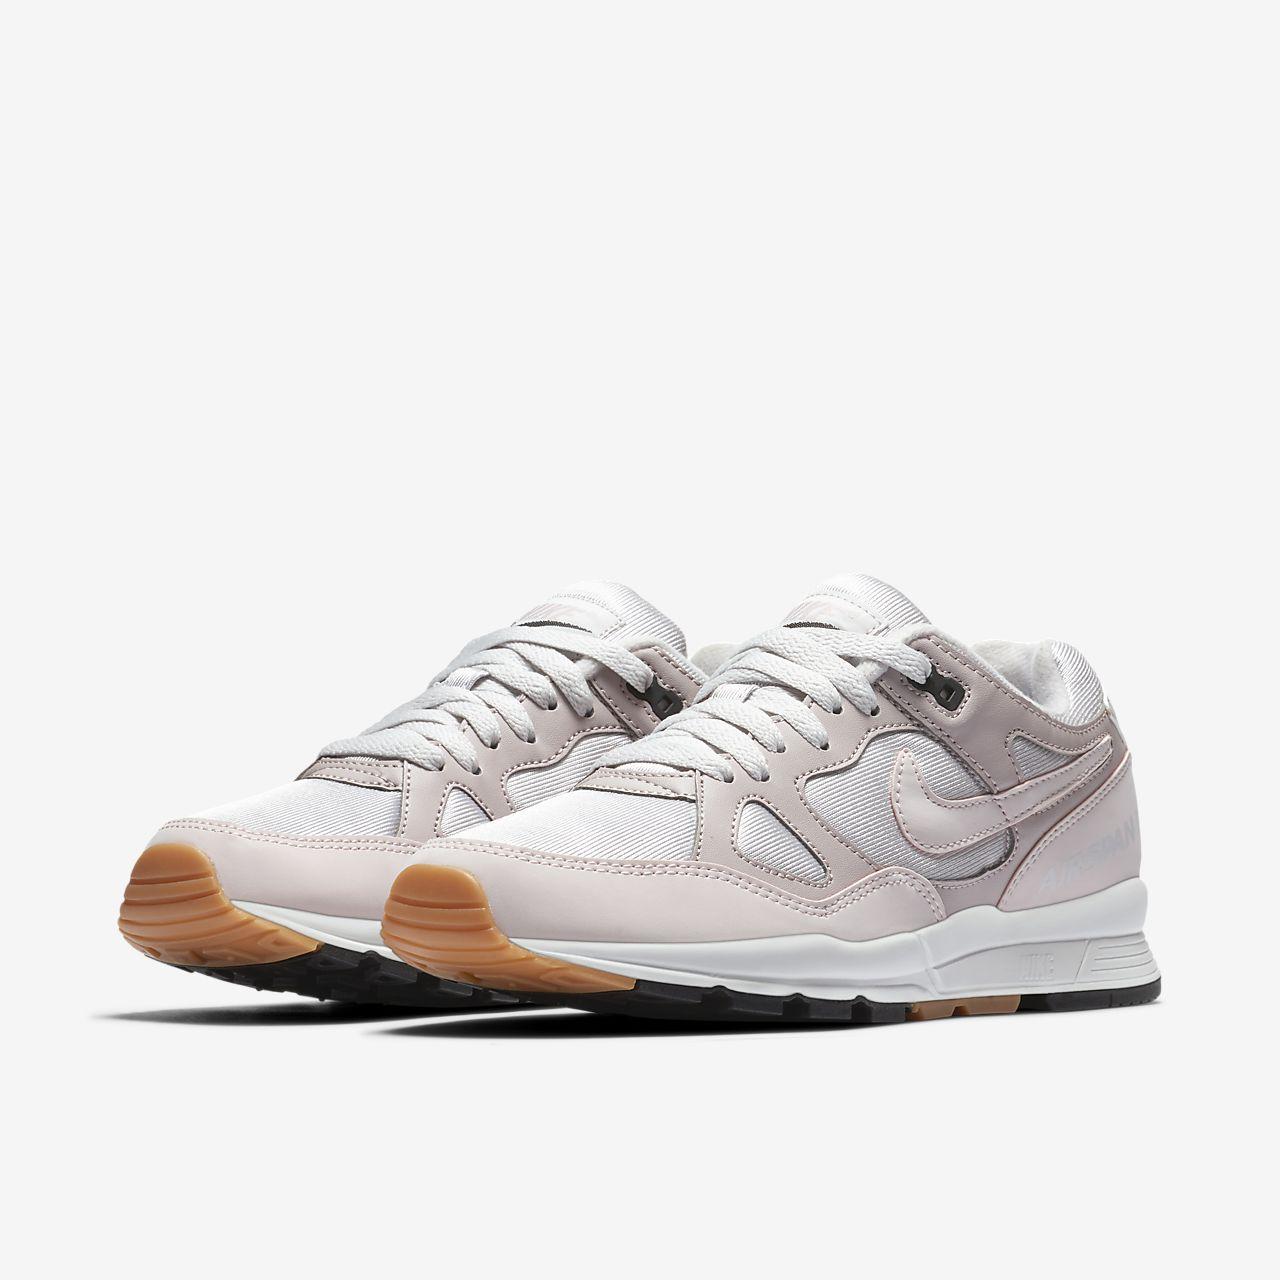 Nike Air Span II Damenschuh - Weiß Nwat54